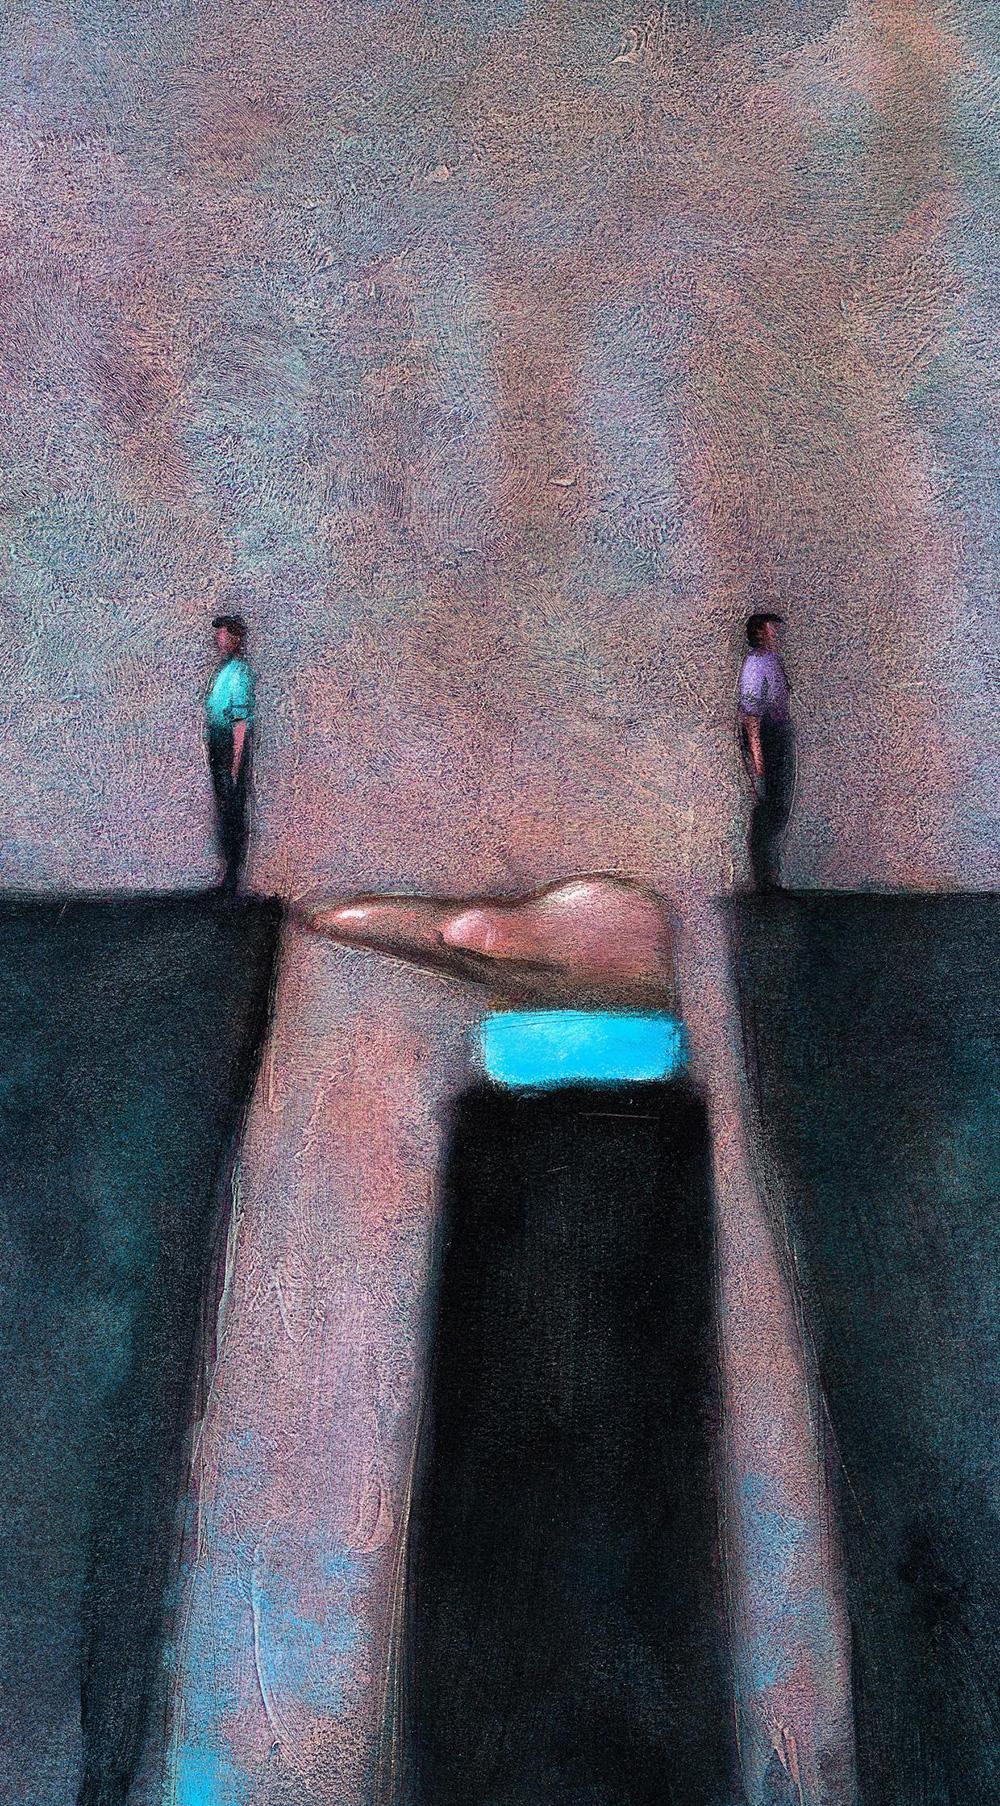 mediation-concept-tall